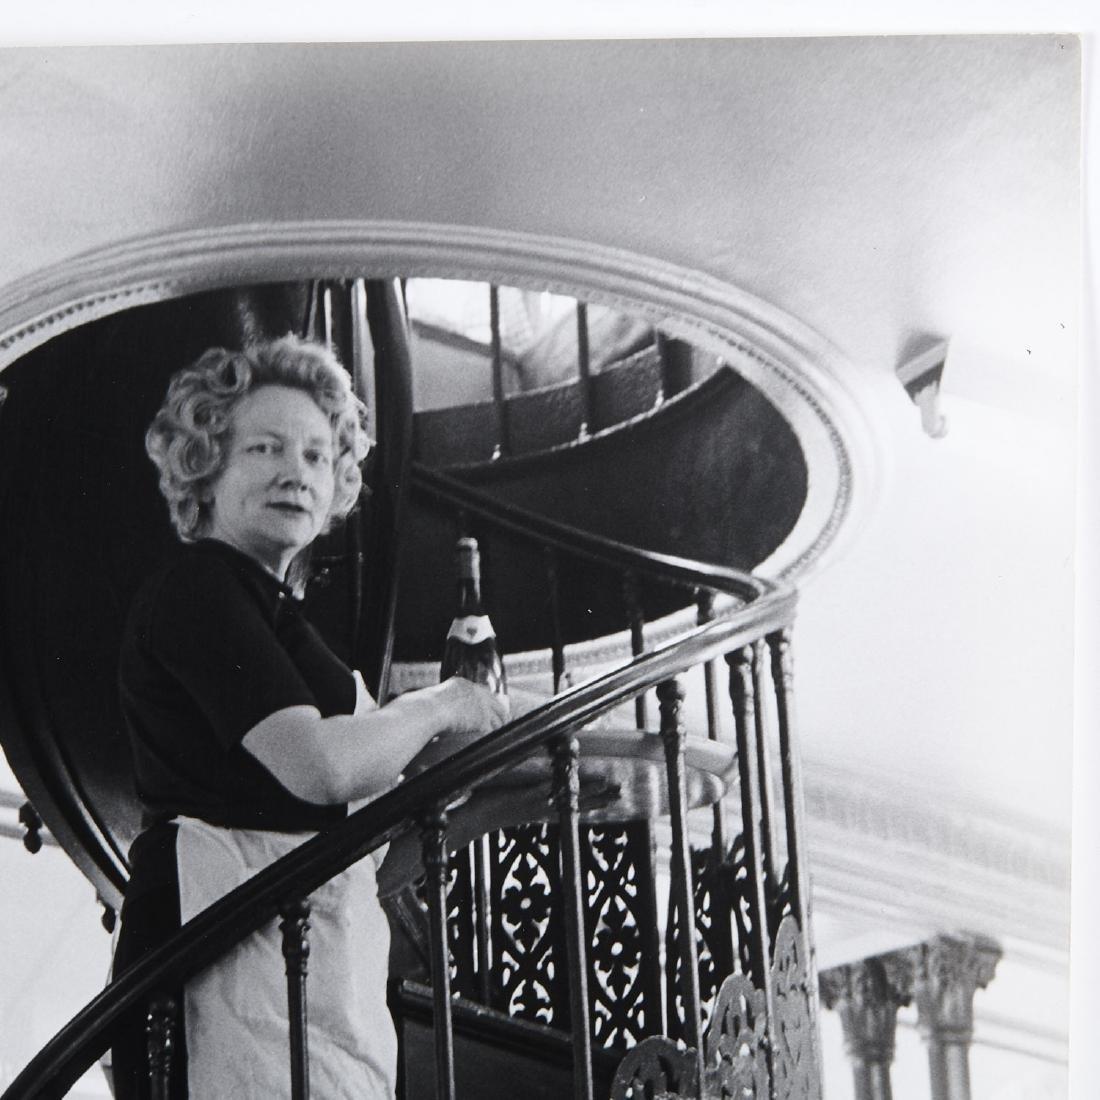 Robert Doisneau, photograph - 3